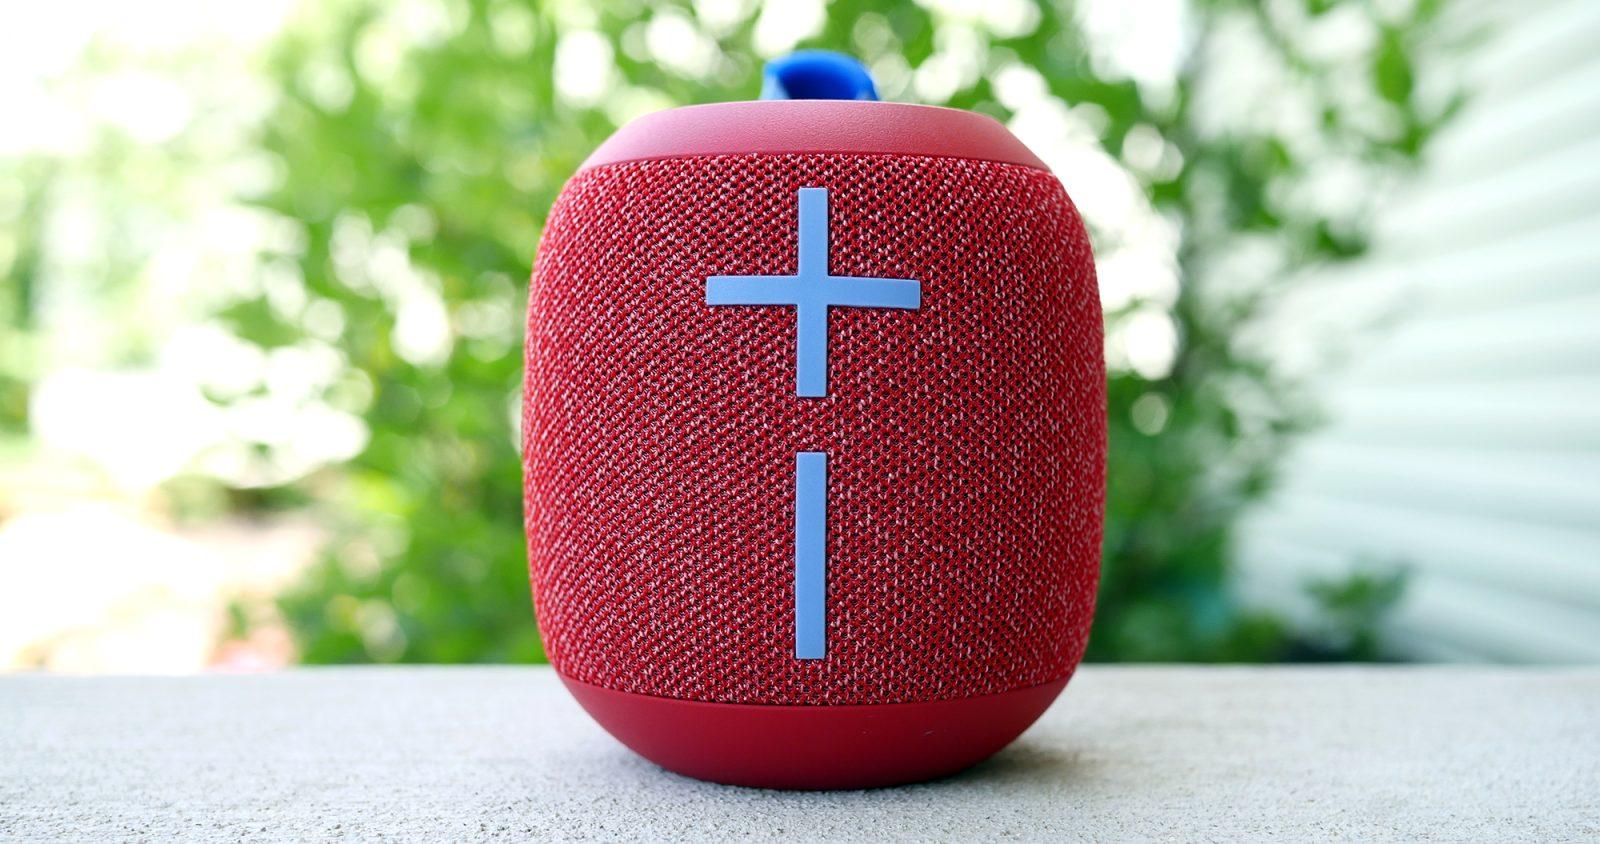 Ultimate Ears WONDERBOOM 2 Review: This summer's best Bluetooth speaker